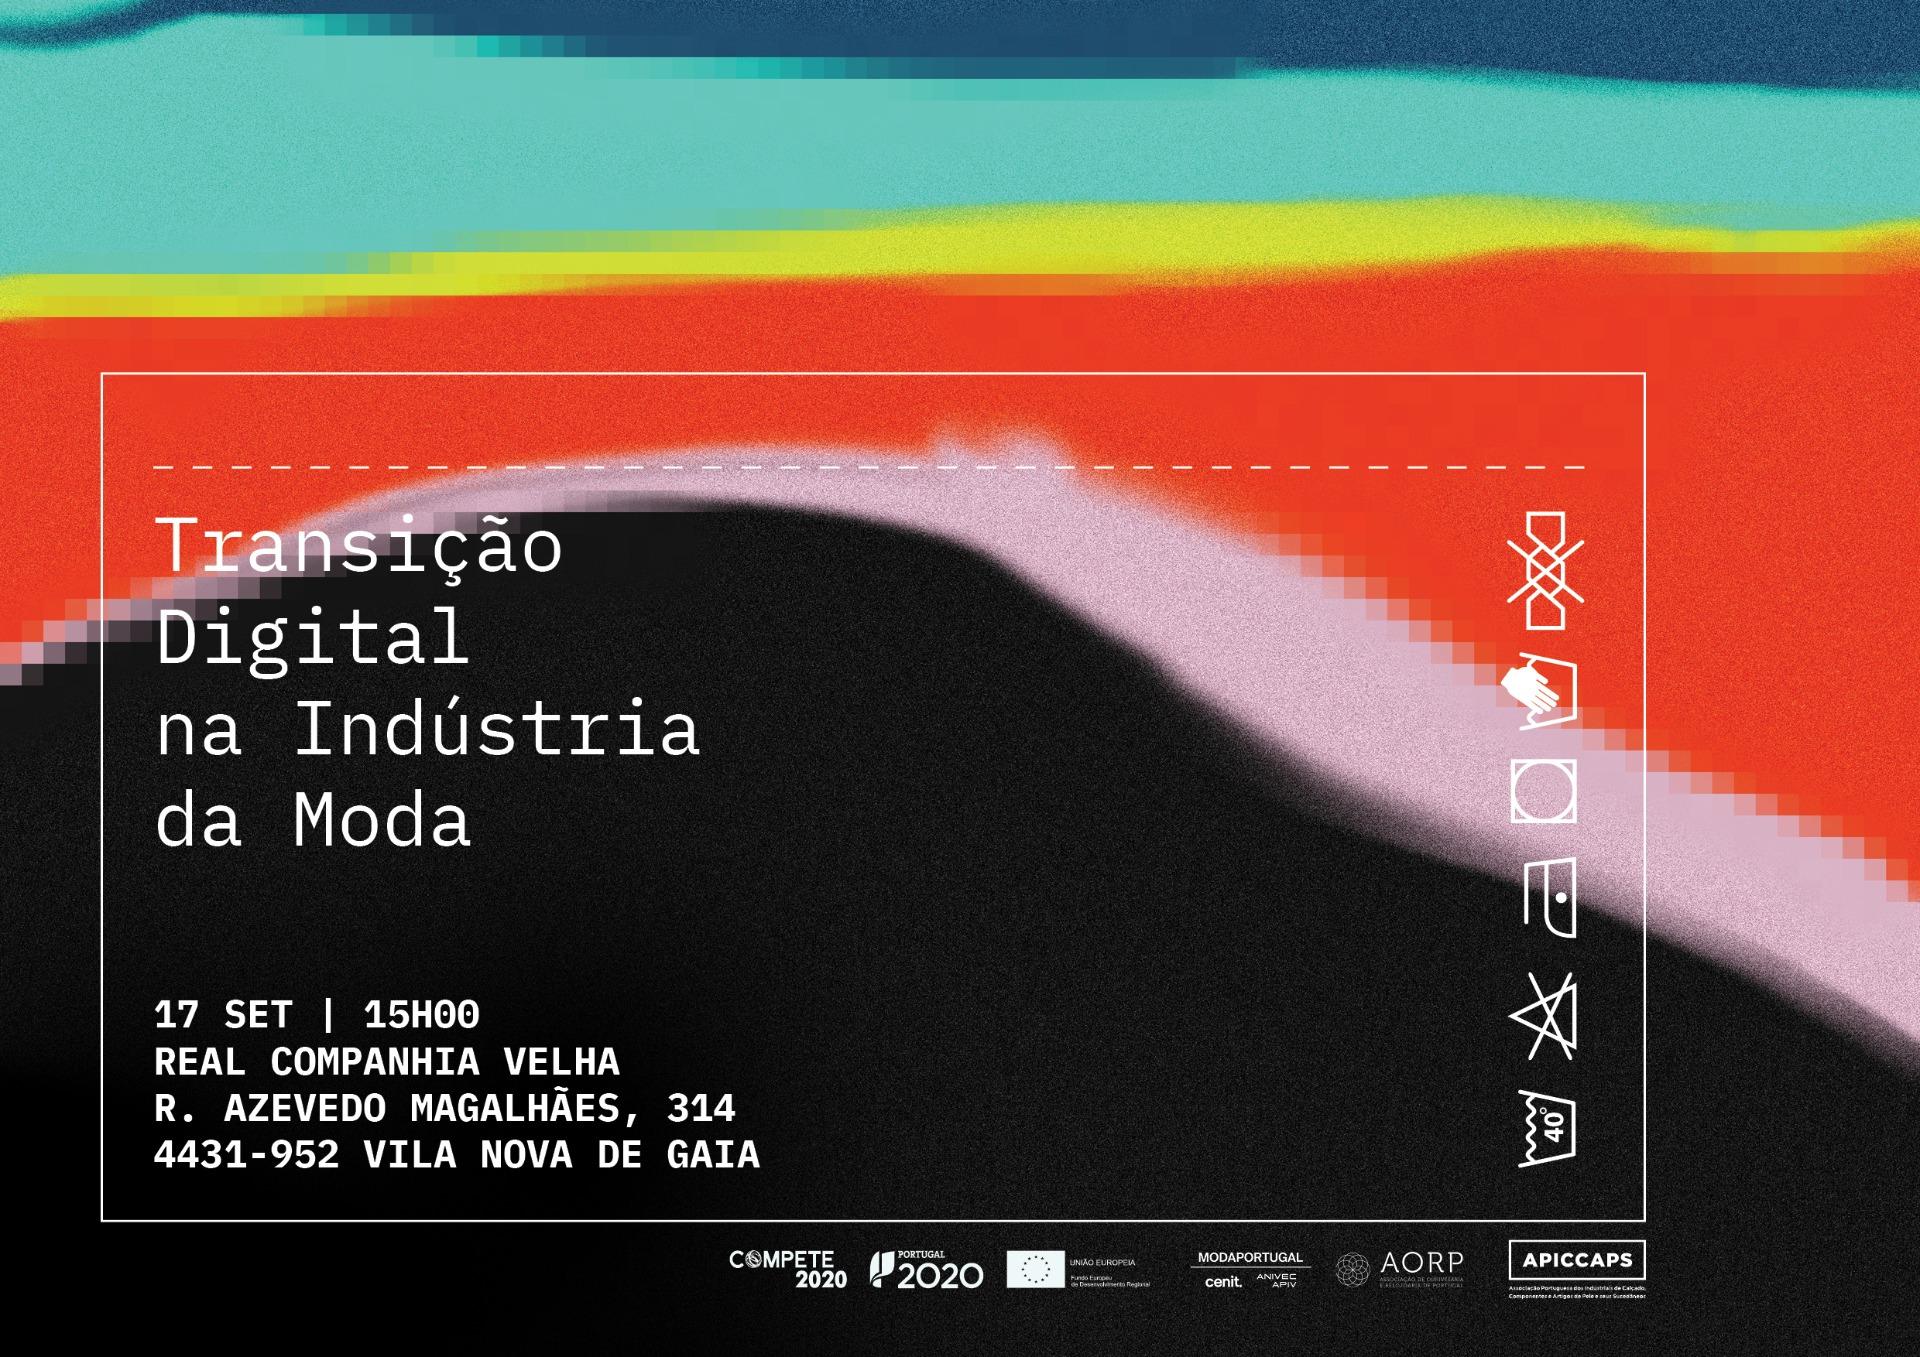 """Imagem da notícia: """"Transição Digital na Indústria da Moda"""" em conferência"""